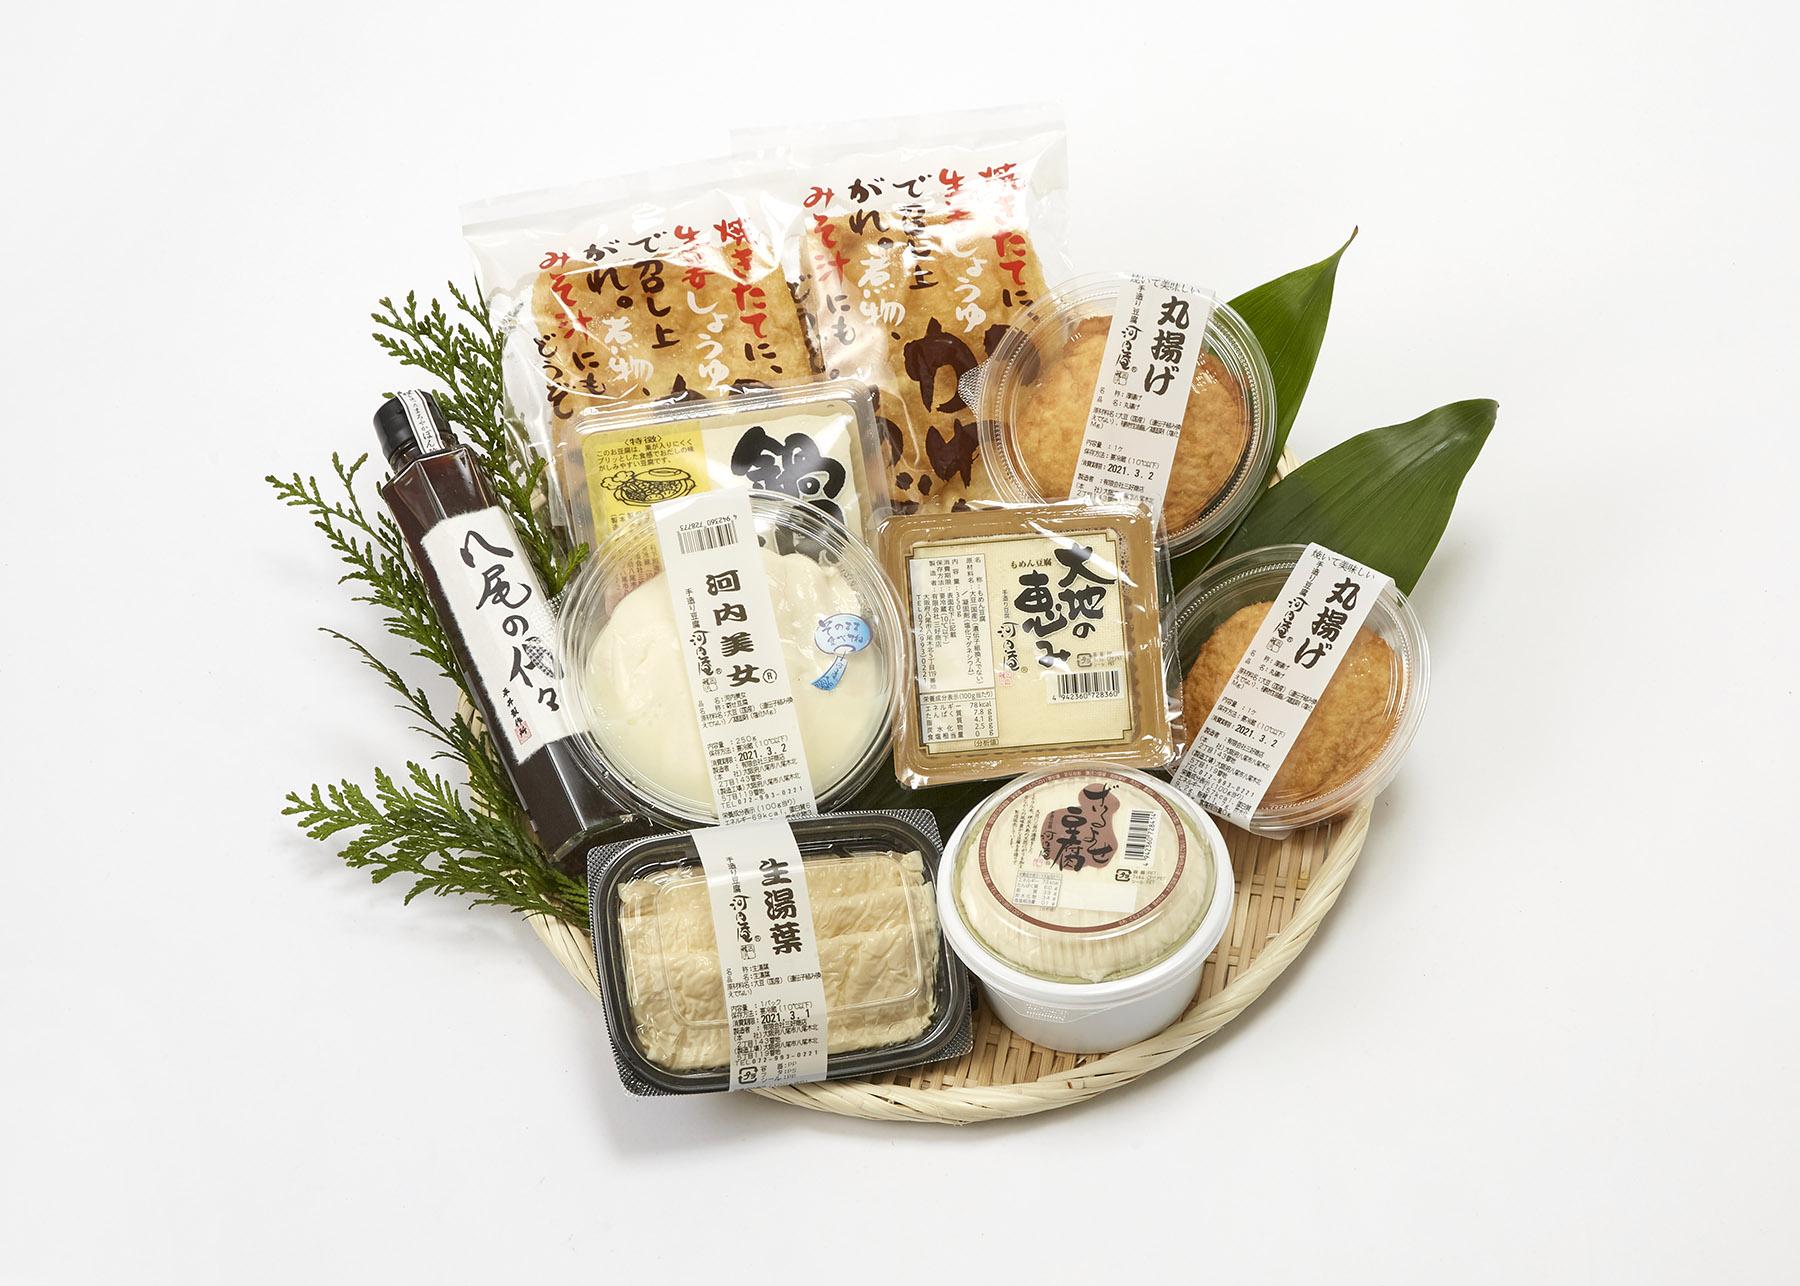 河内庵ギフト「豆腐道・竹セット」【送料込】